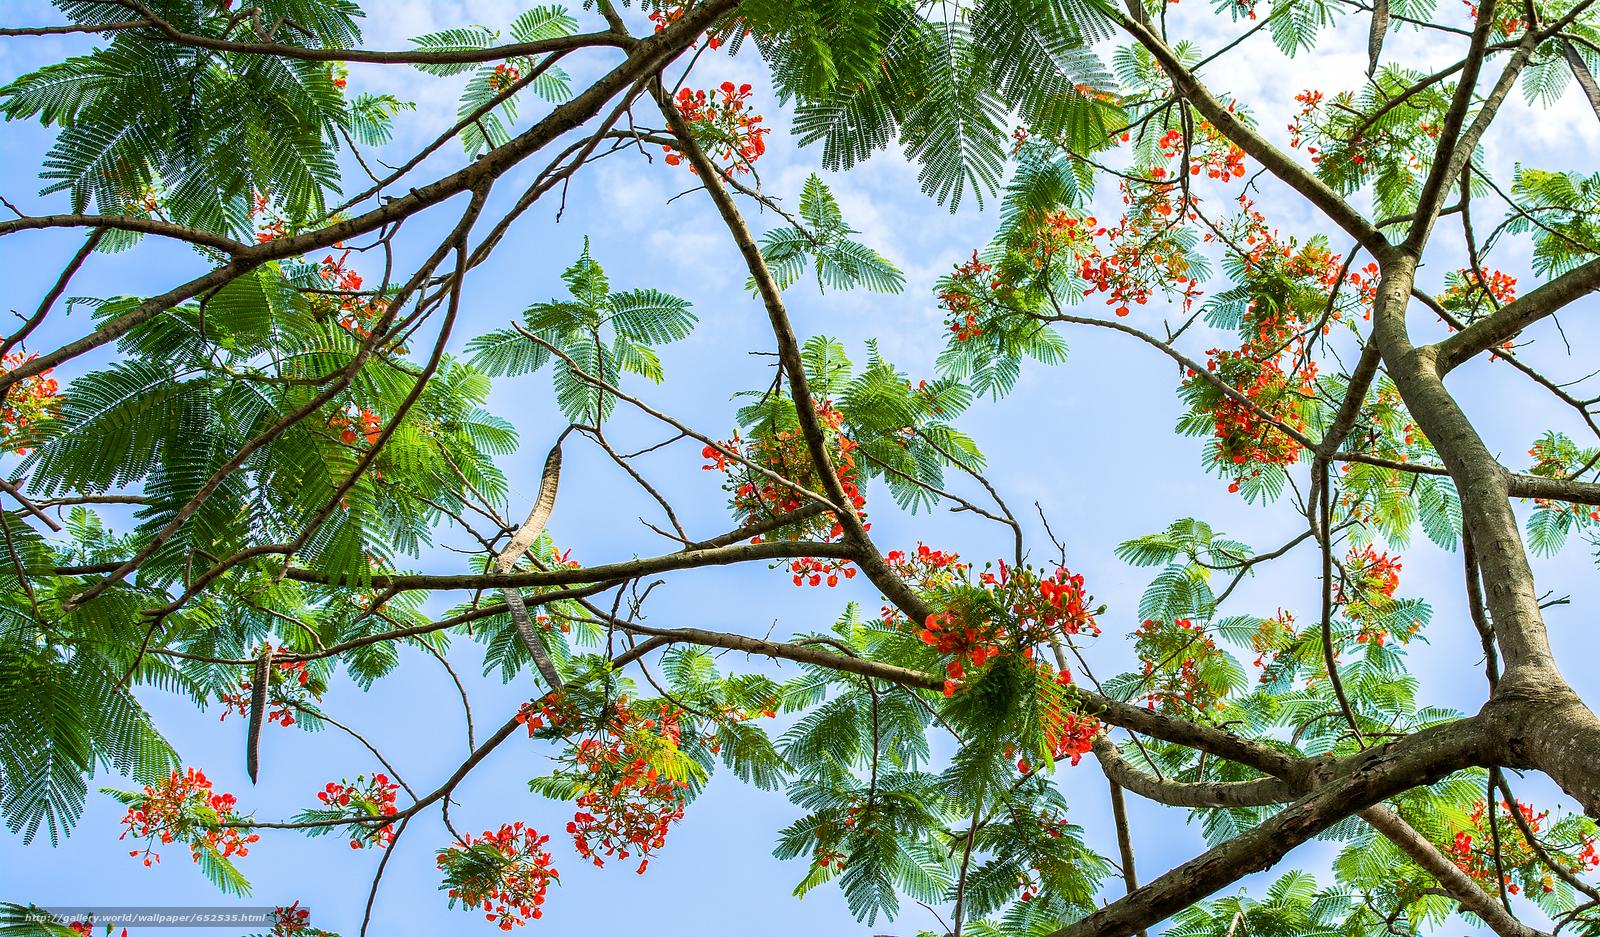 Скачать обои деревья,  ветки,  листья,  цветы бесплатно для рабочего стола в разрешении 4969x2910 — картинка №652535